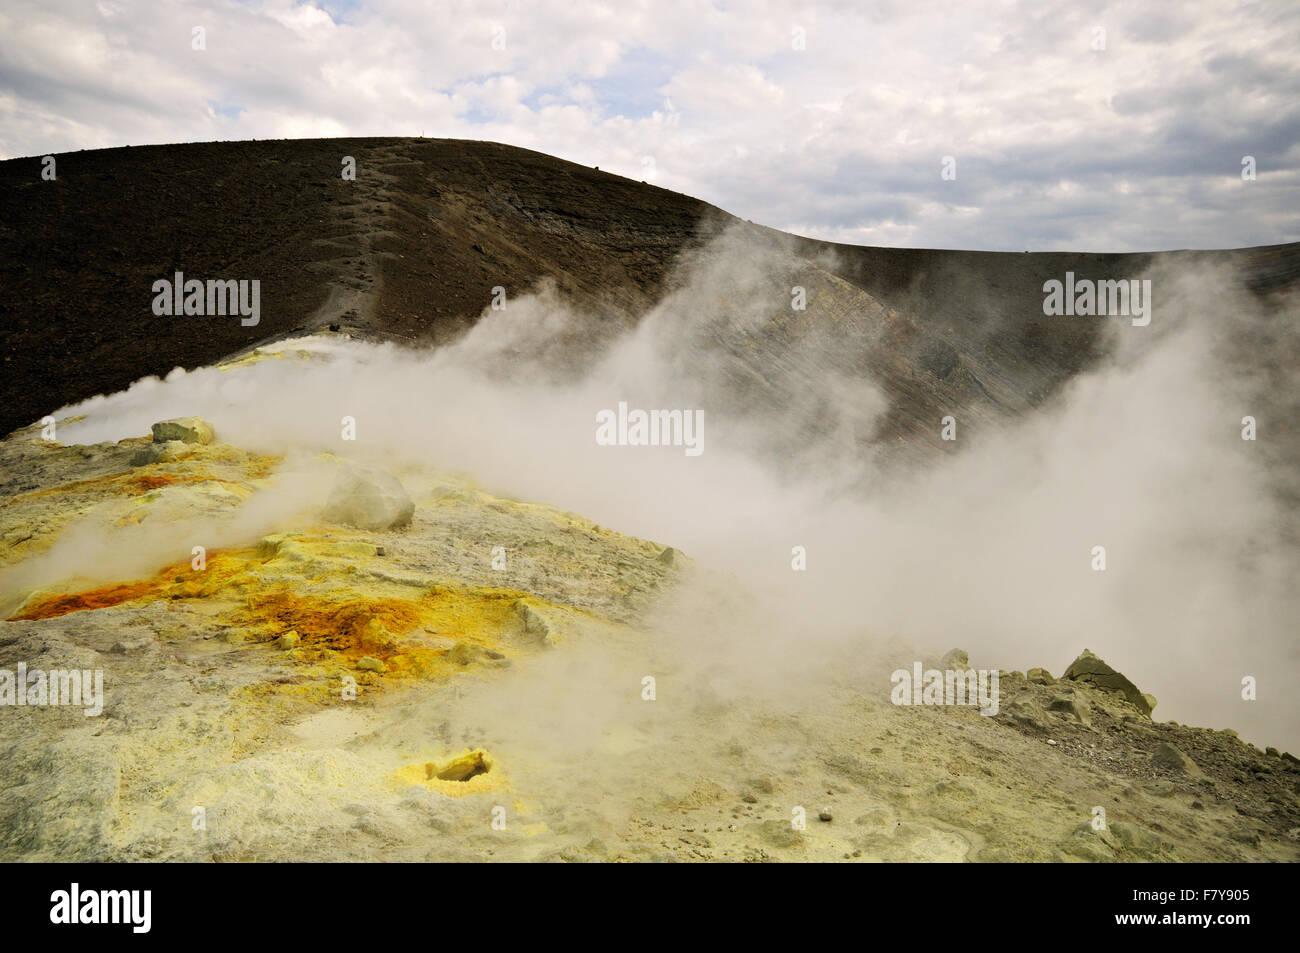 Schwefel und Fumarolen im Krater (Gran Cratere) von Vulcano, Äolischen Inseln, Sizilien, Italien Stockbild